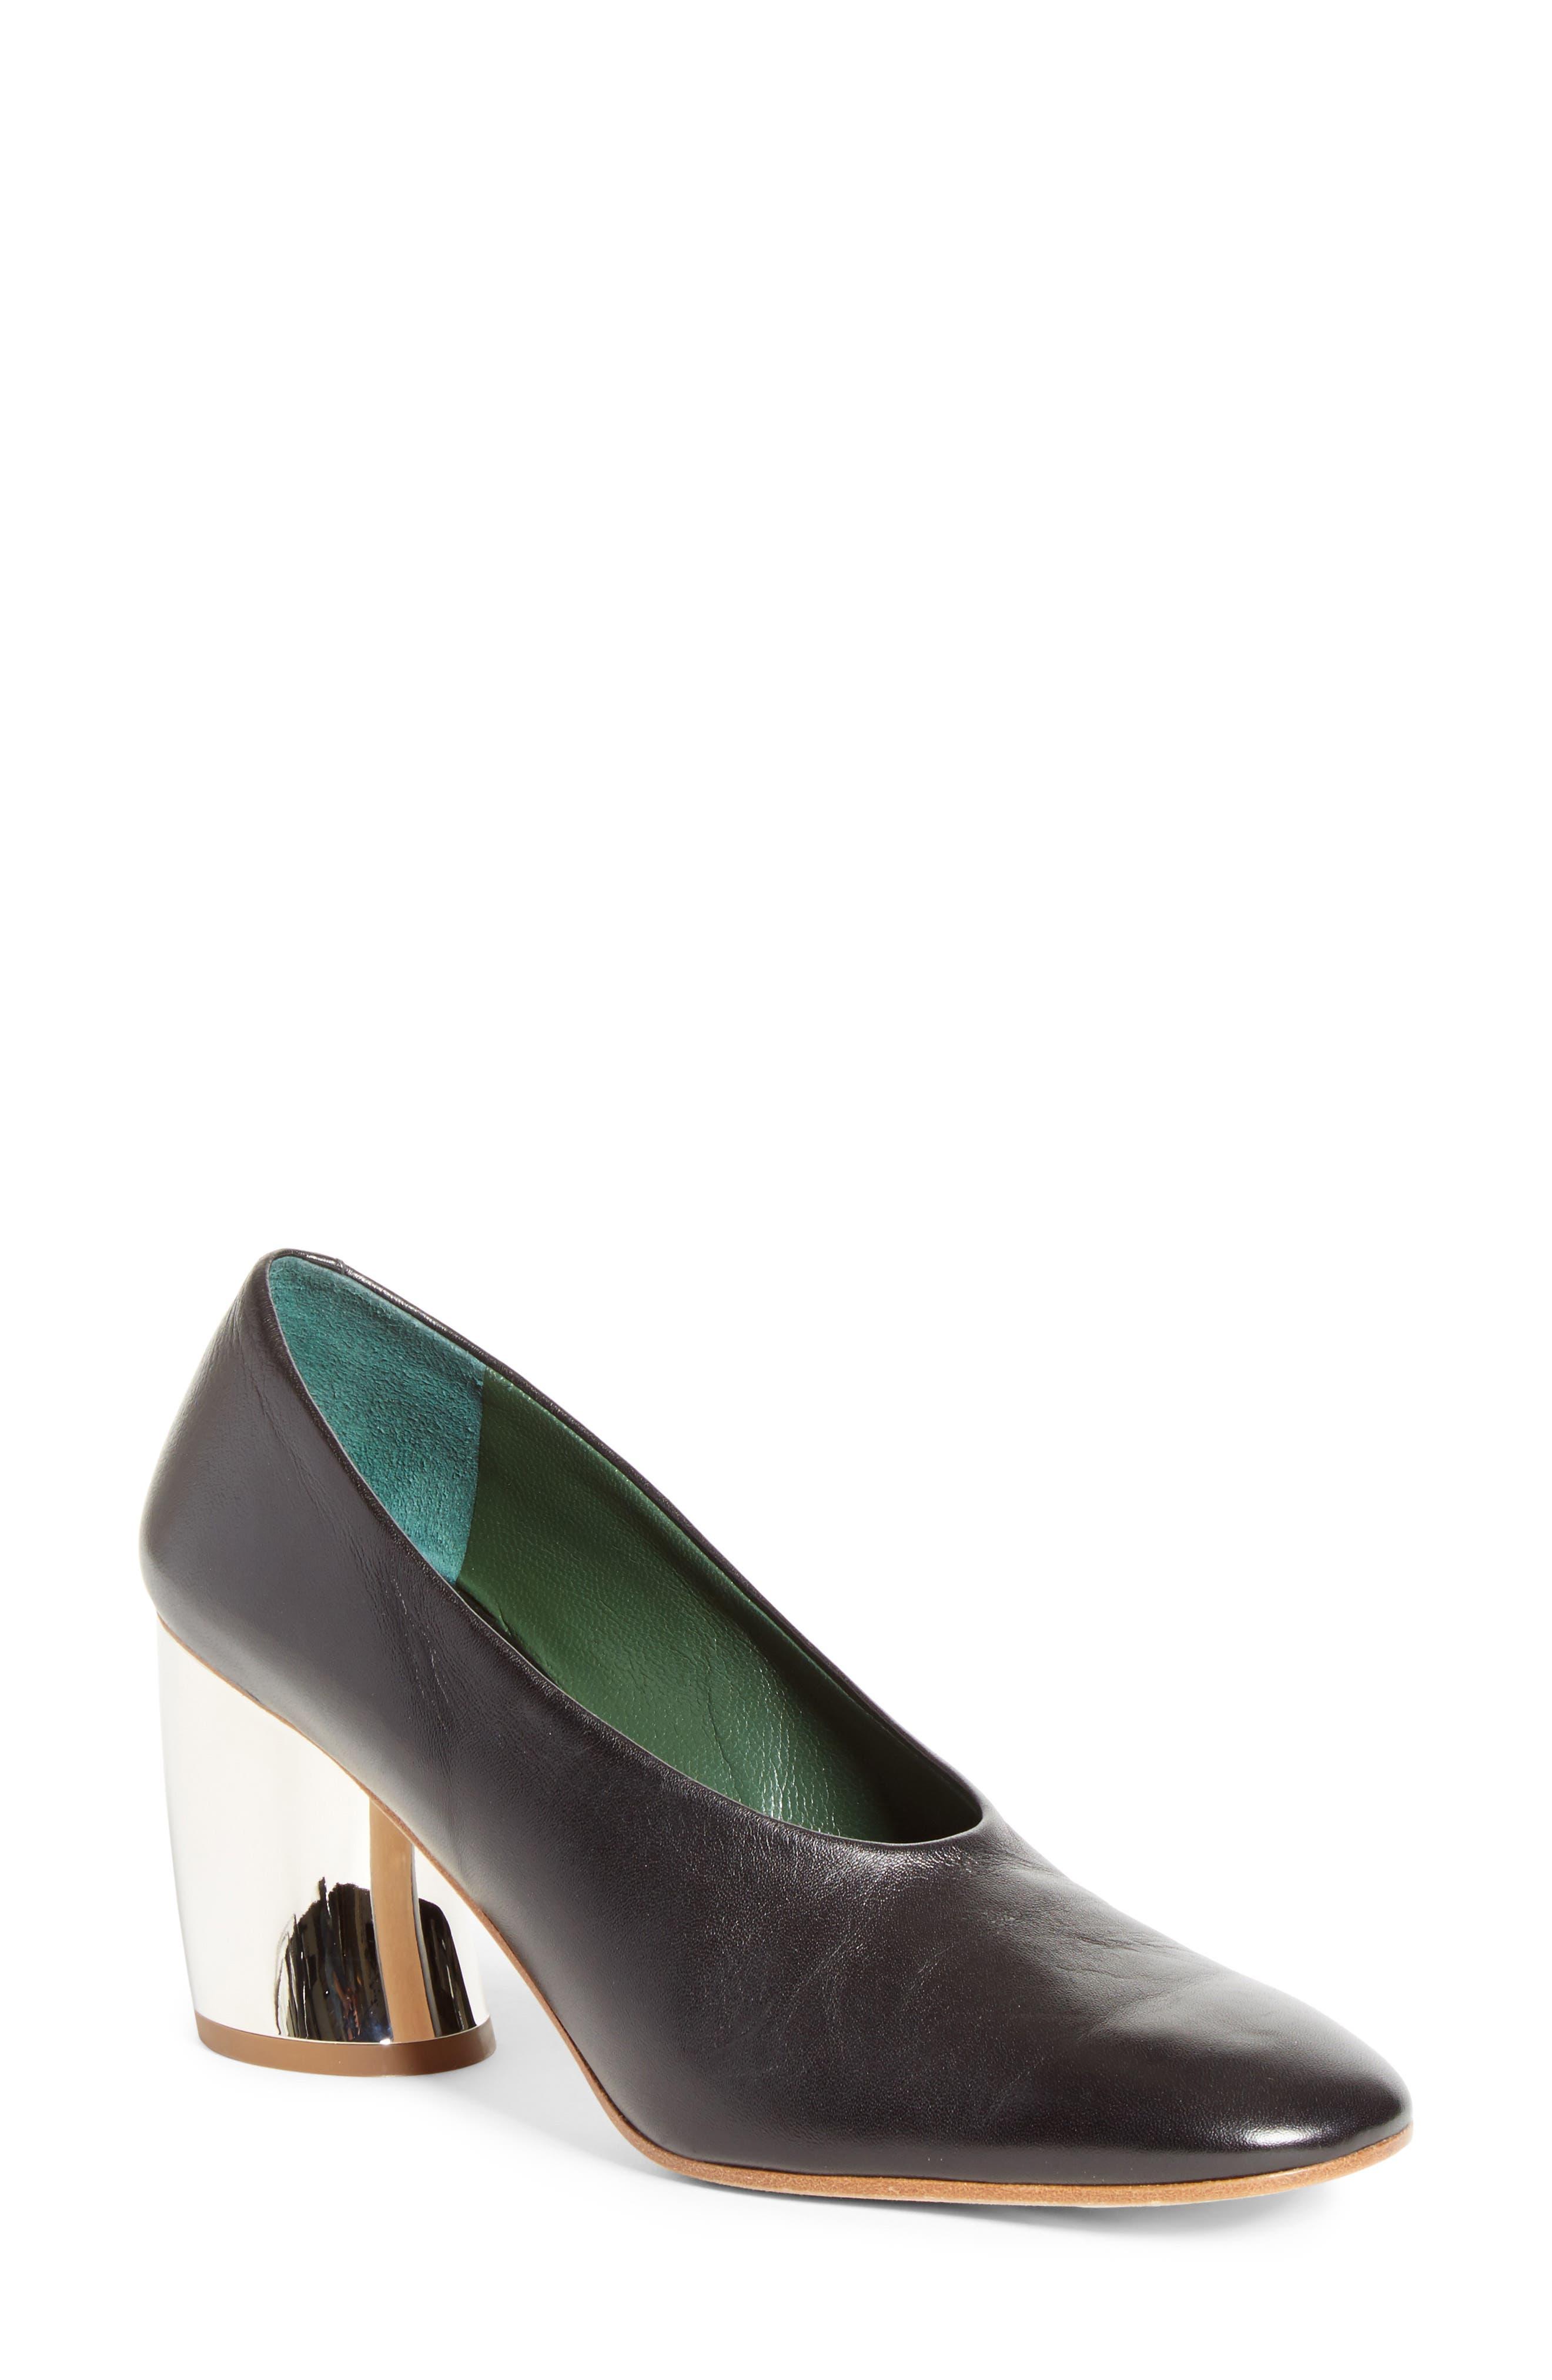 Alternate Image 1 Selected - Proenza Schouler Mirrored Heel Pump (Women)